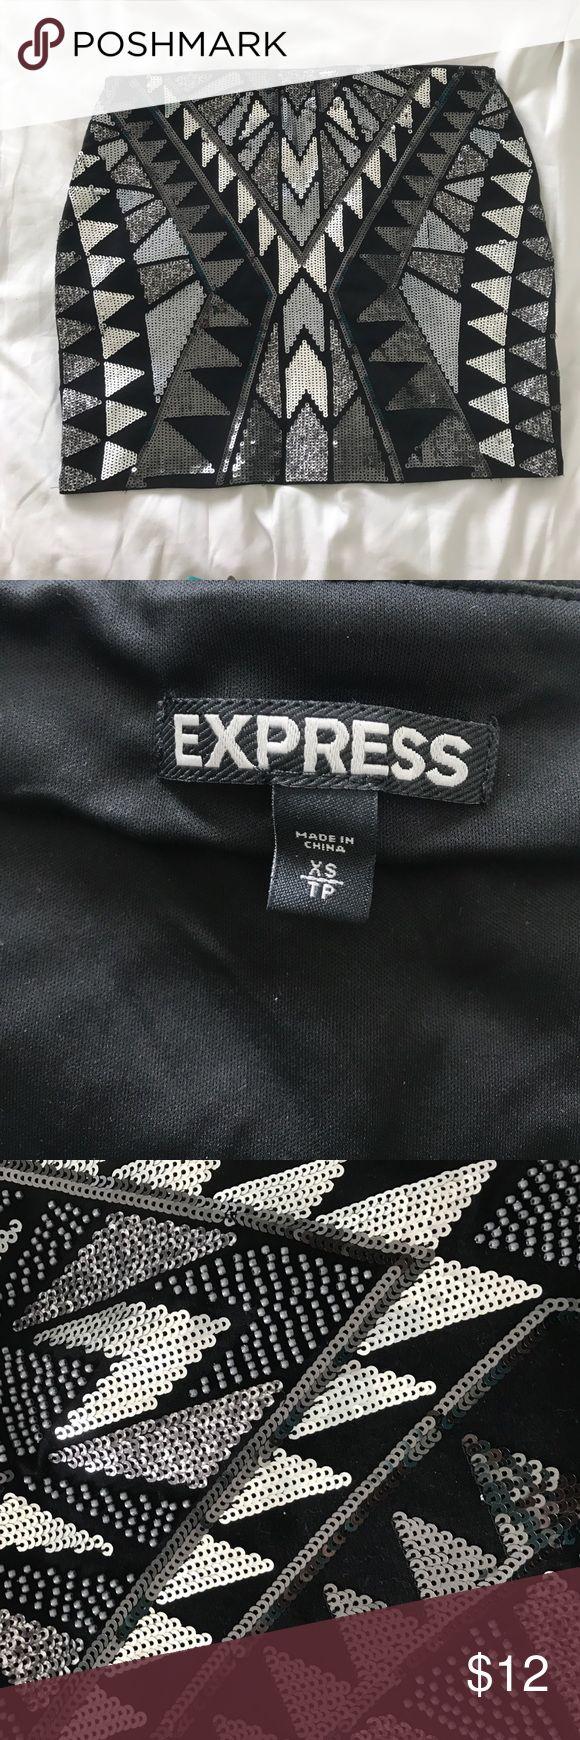 Express Sequin/Beaded Skirt Never Worn Never worn, fun going out skirt Express Skirts Mini